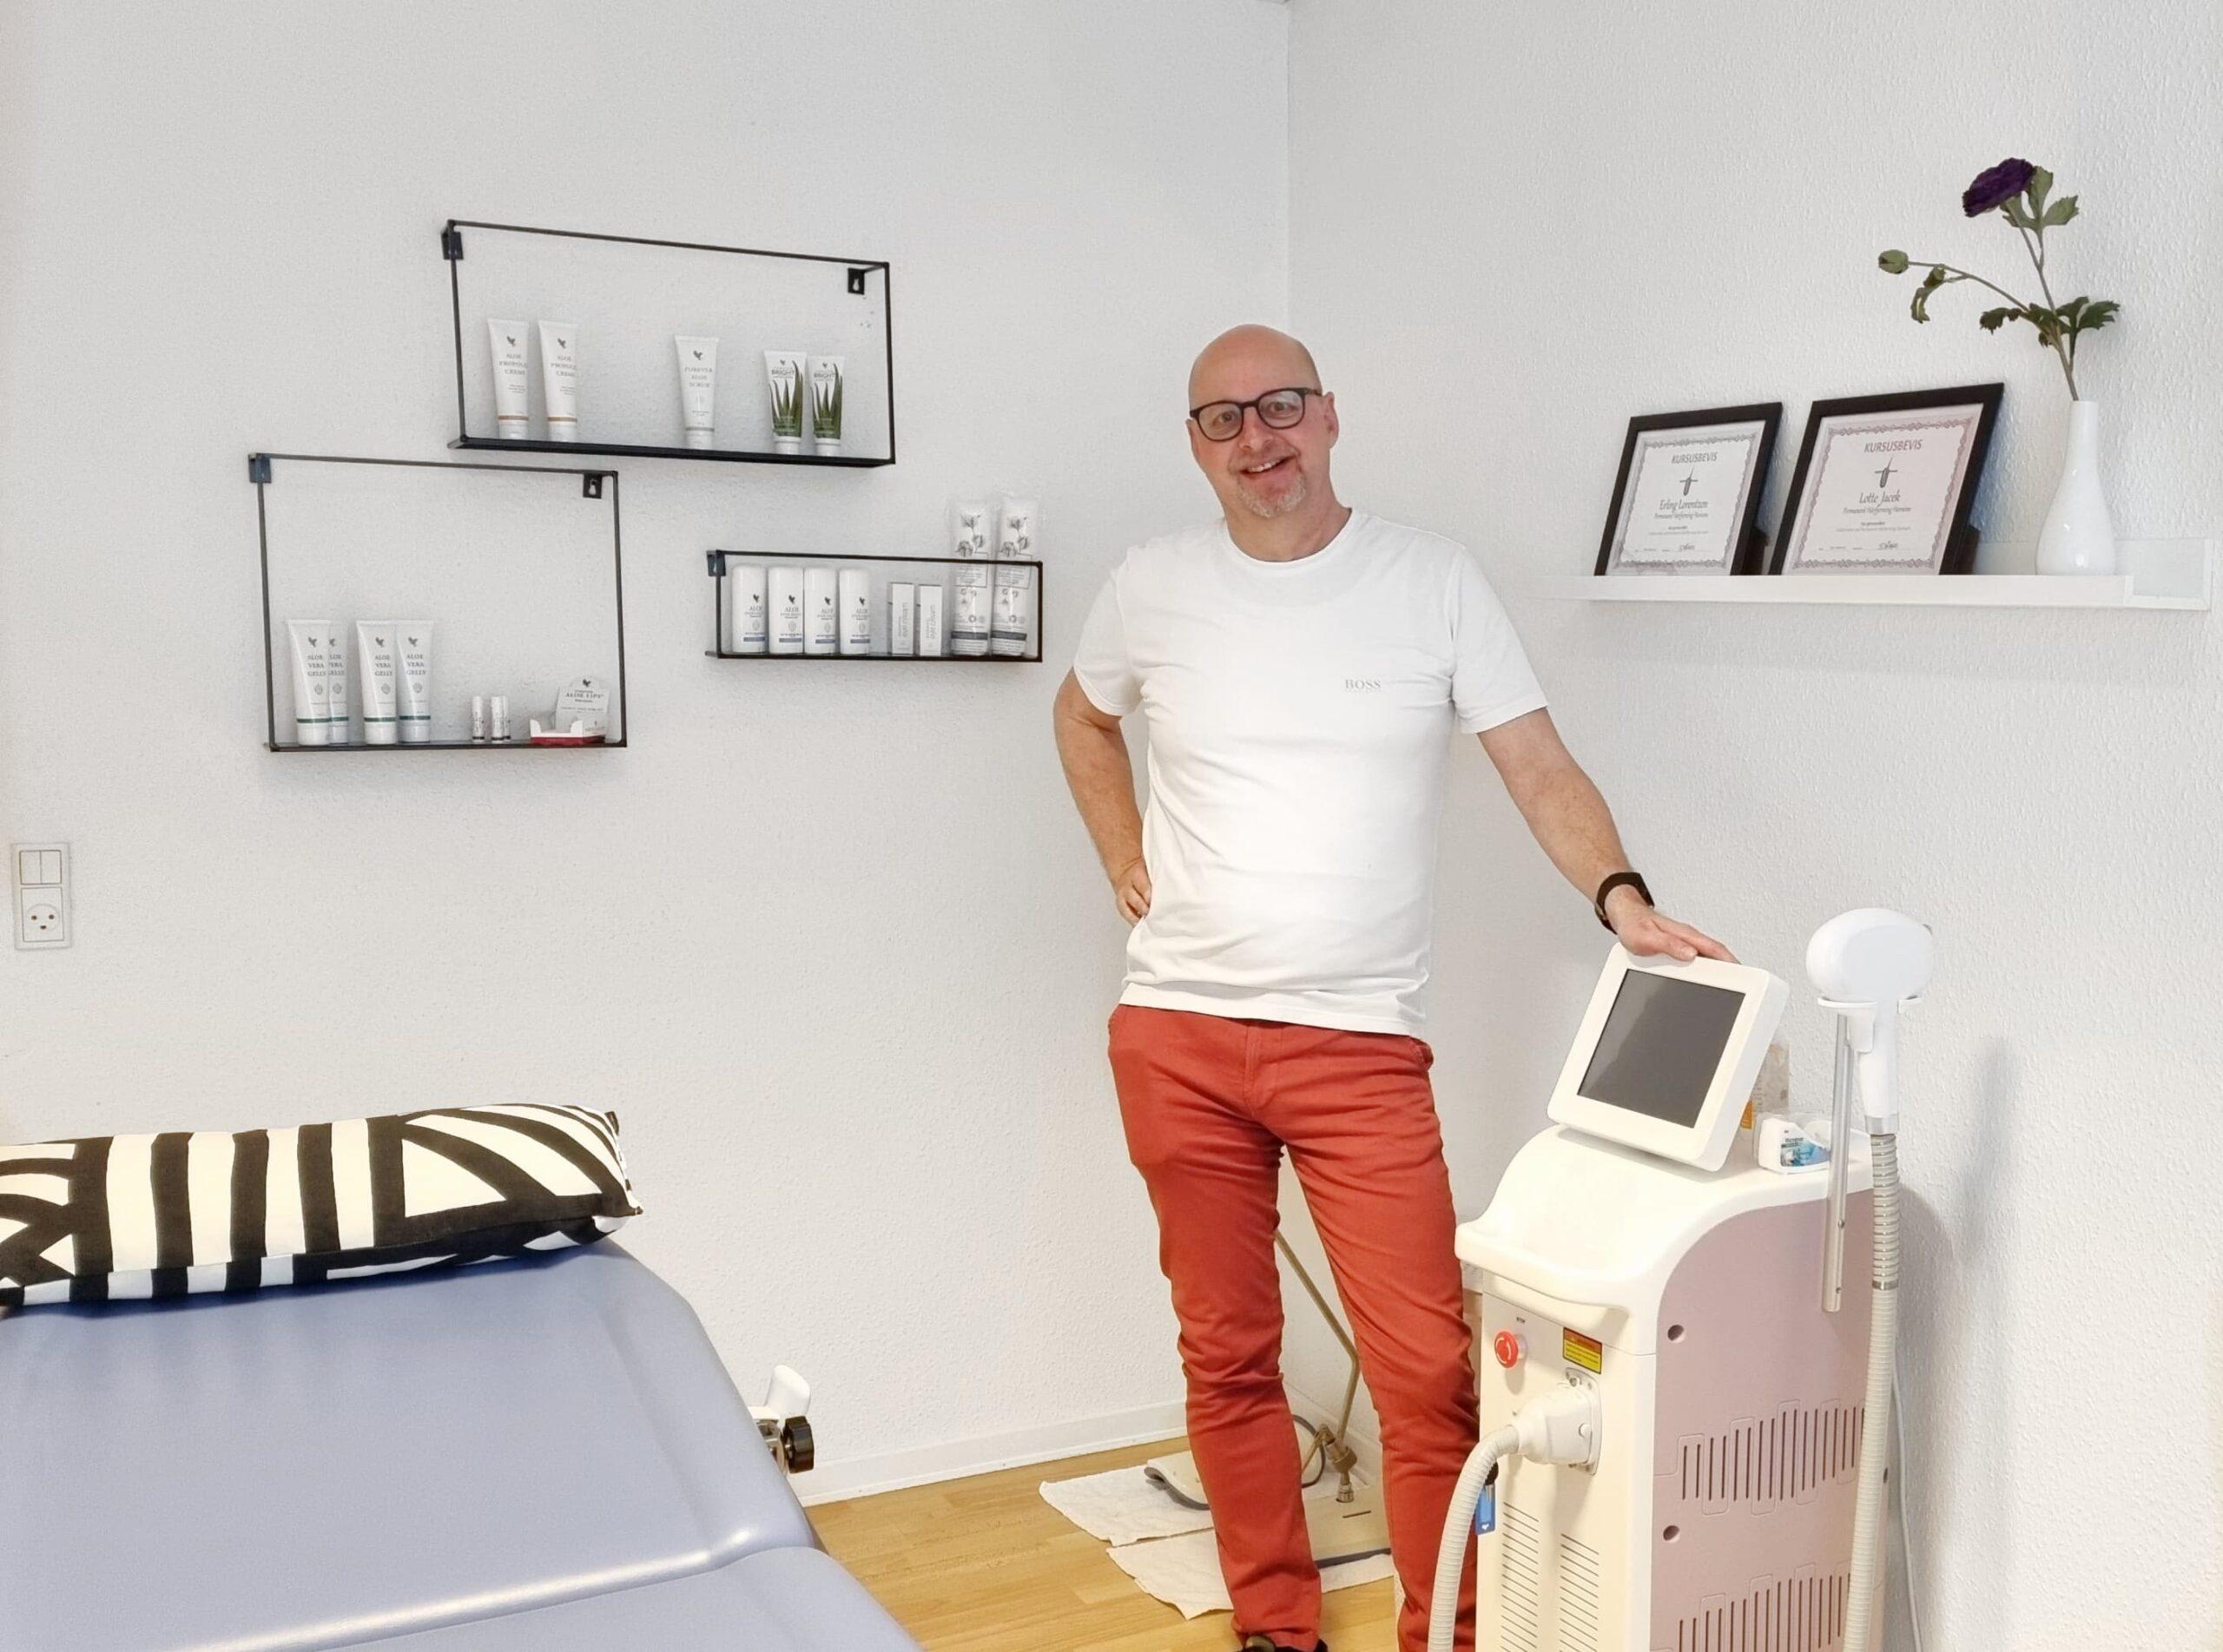 Non-invasive skønhedsbehandlinger i Horsens  - Full Beauty Horsens